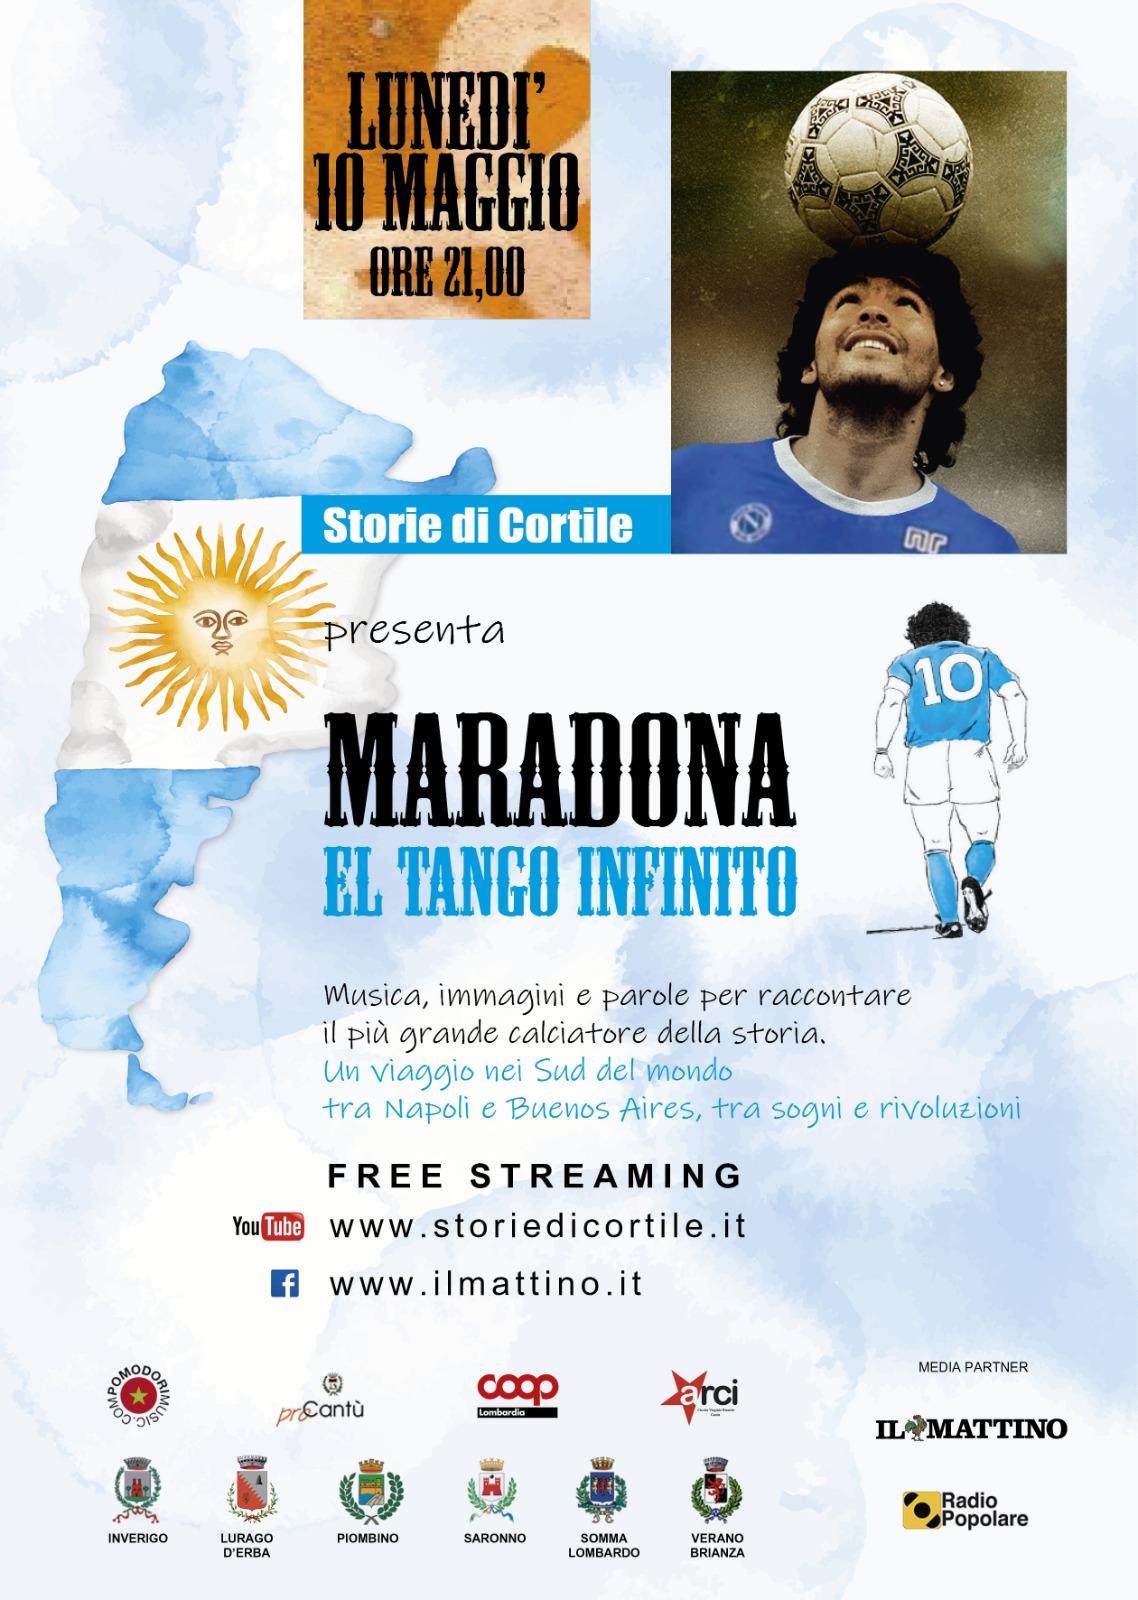 Maradona - Locandina-10-Maggio